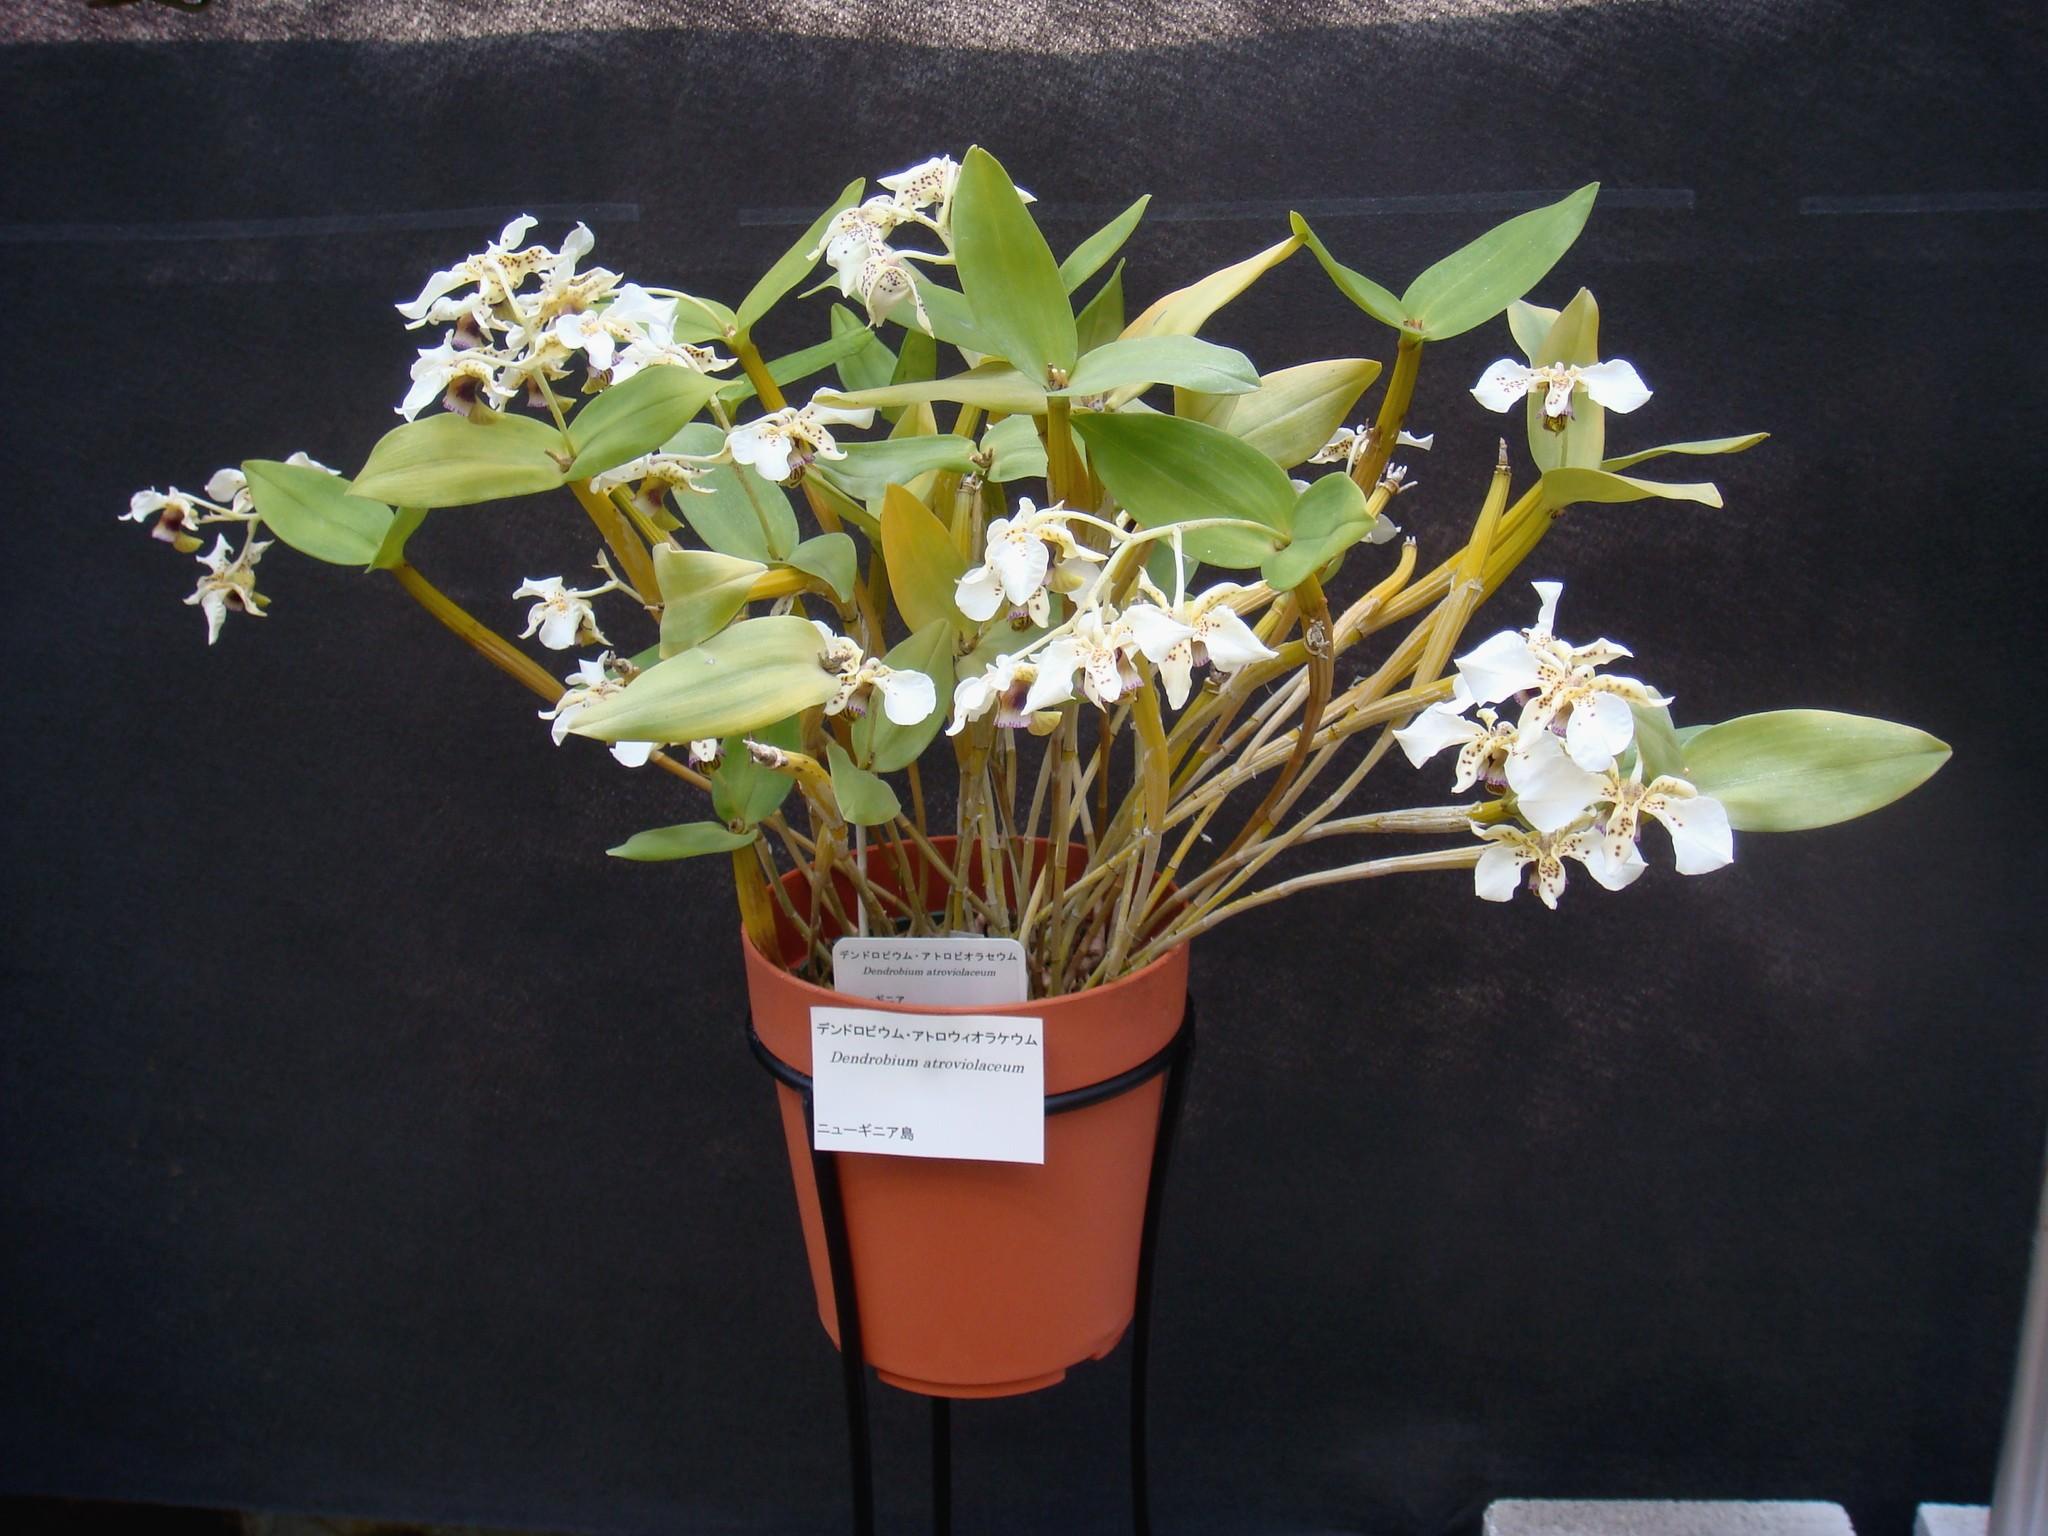 http://orchids.la.coocan.jp/Dendrobium/Dendrobium%20atroviolaceum/DSC05598.JPG